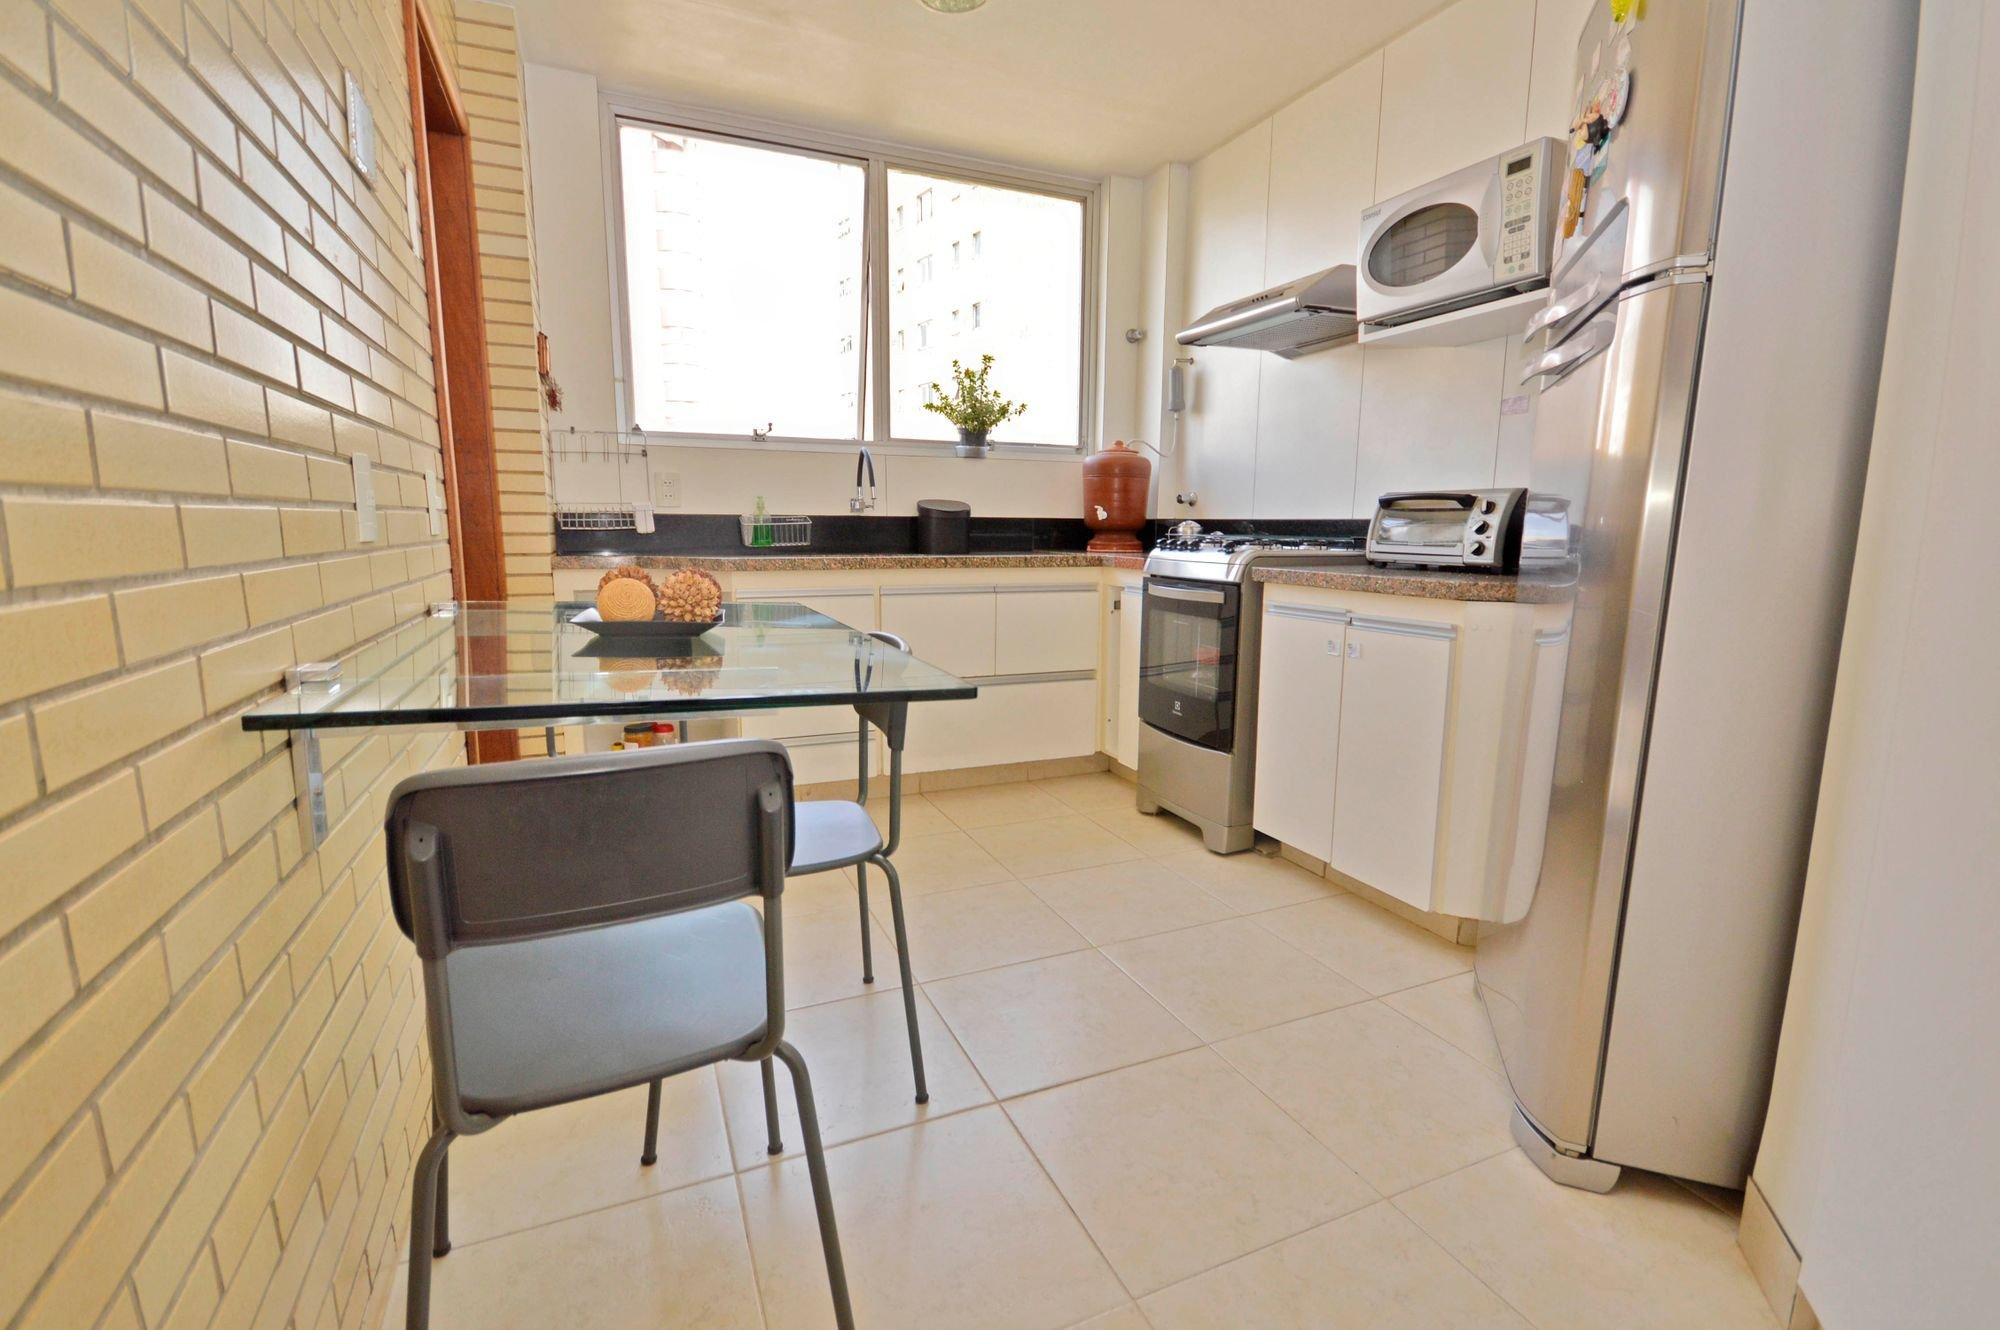 Foto de Cozinha com vaso de planta, vaso, forno, tigela, cadeira